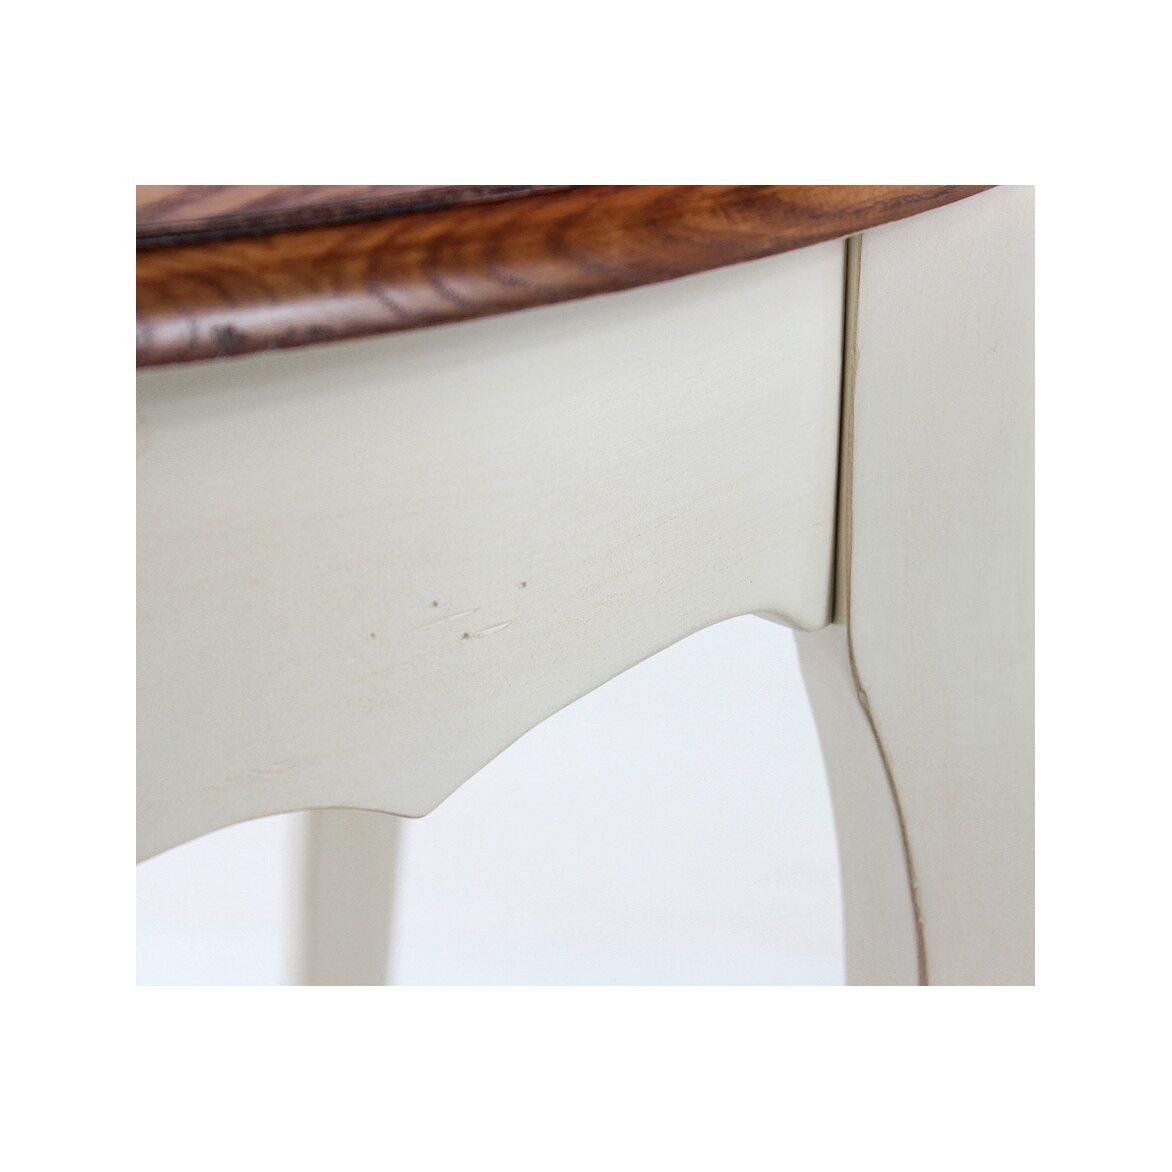 Круглый обеденный стол (большой) Leontina, бежевого цвета 6 | Обеденные столы Kingsby